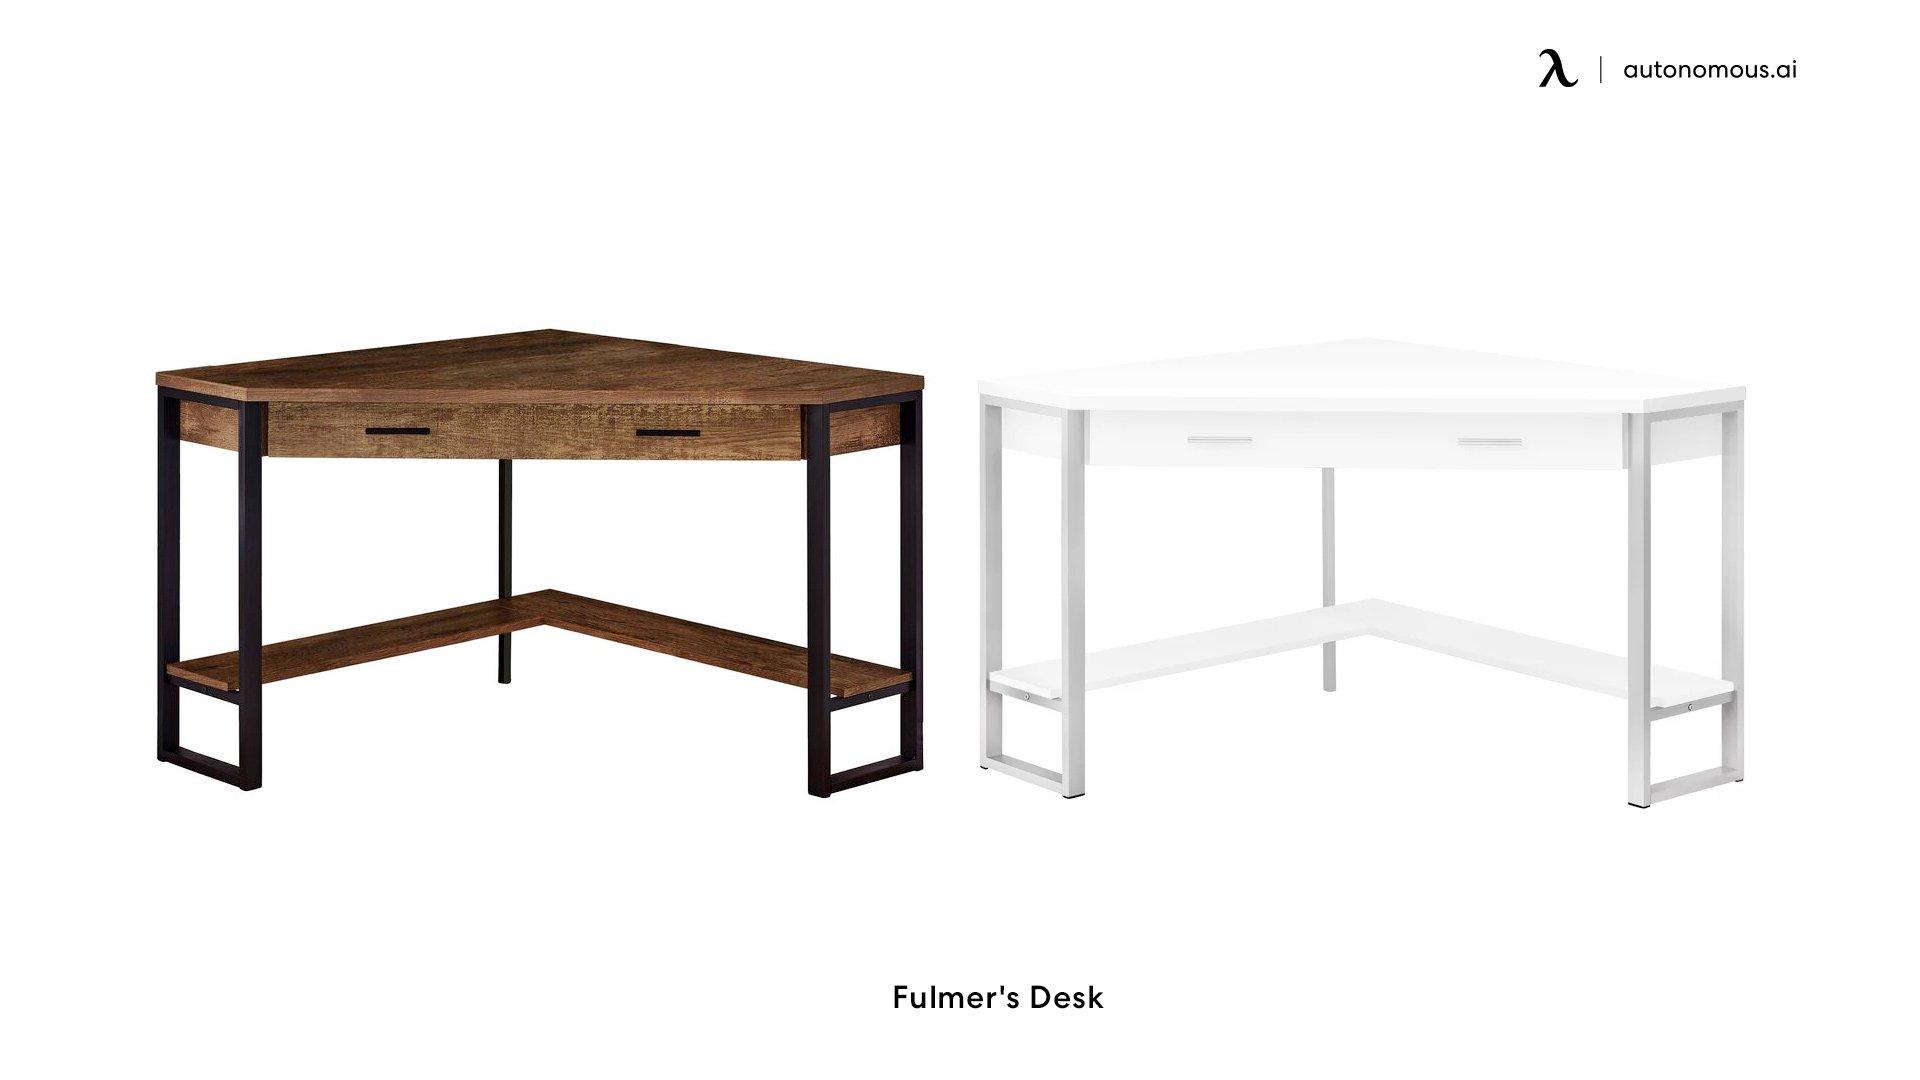 Fulmer's Desk